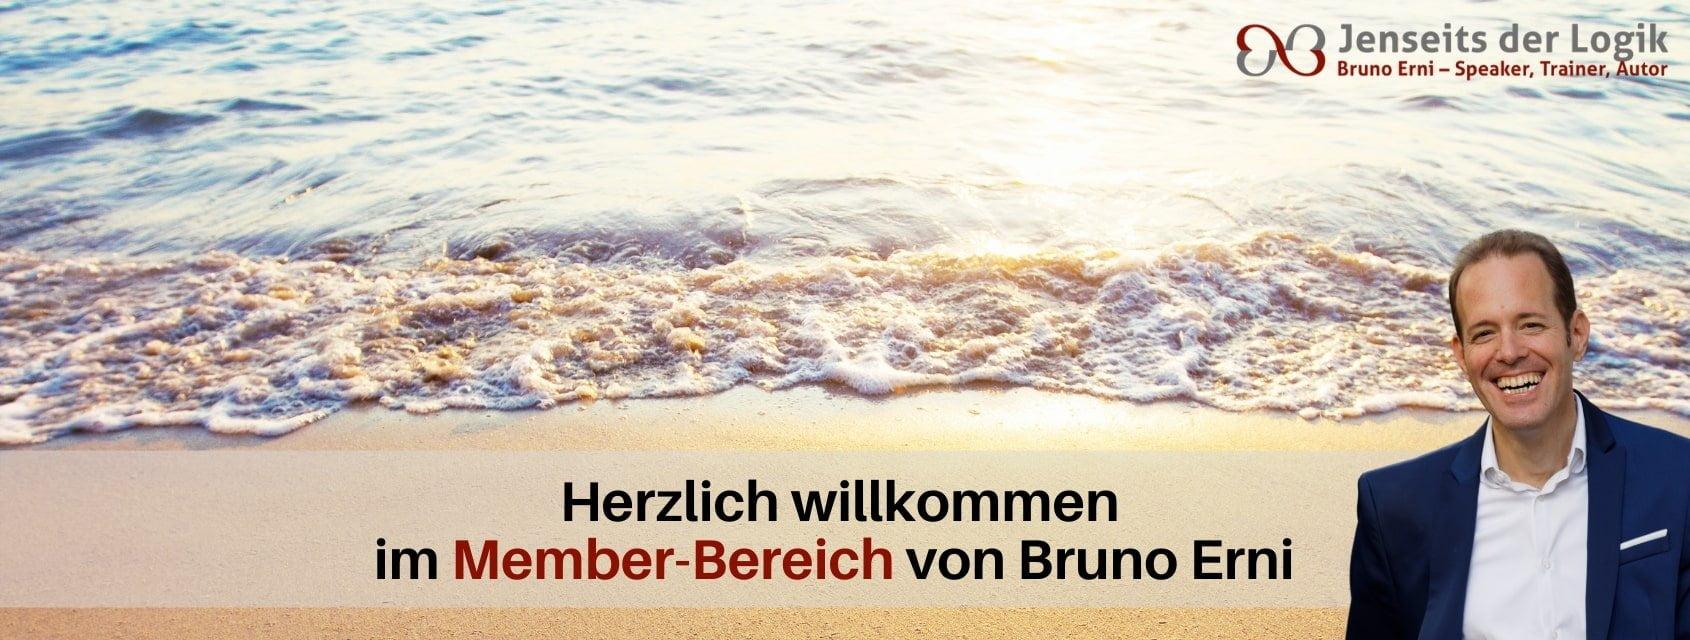 memberbereich-Bruno-Erni